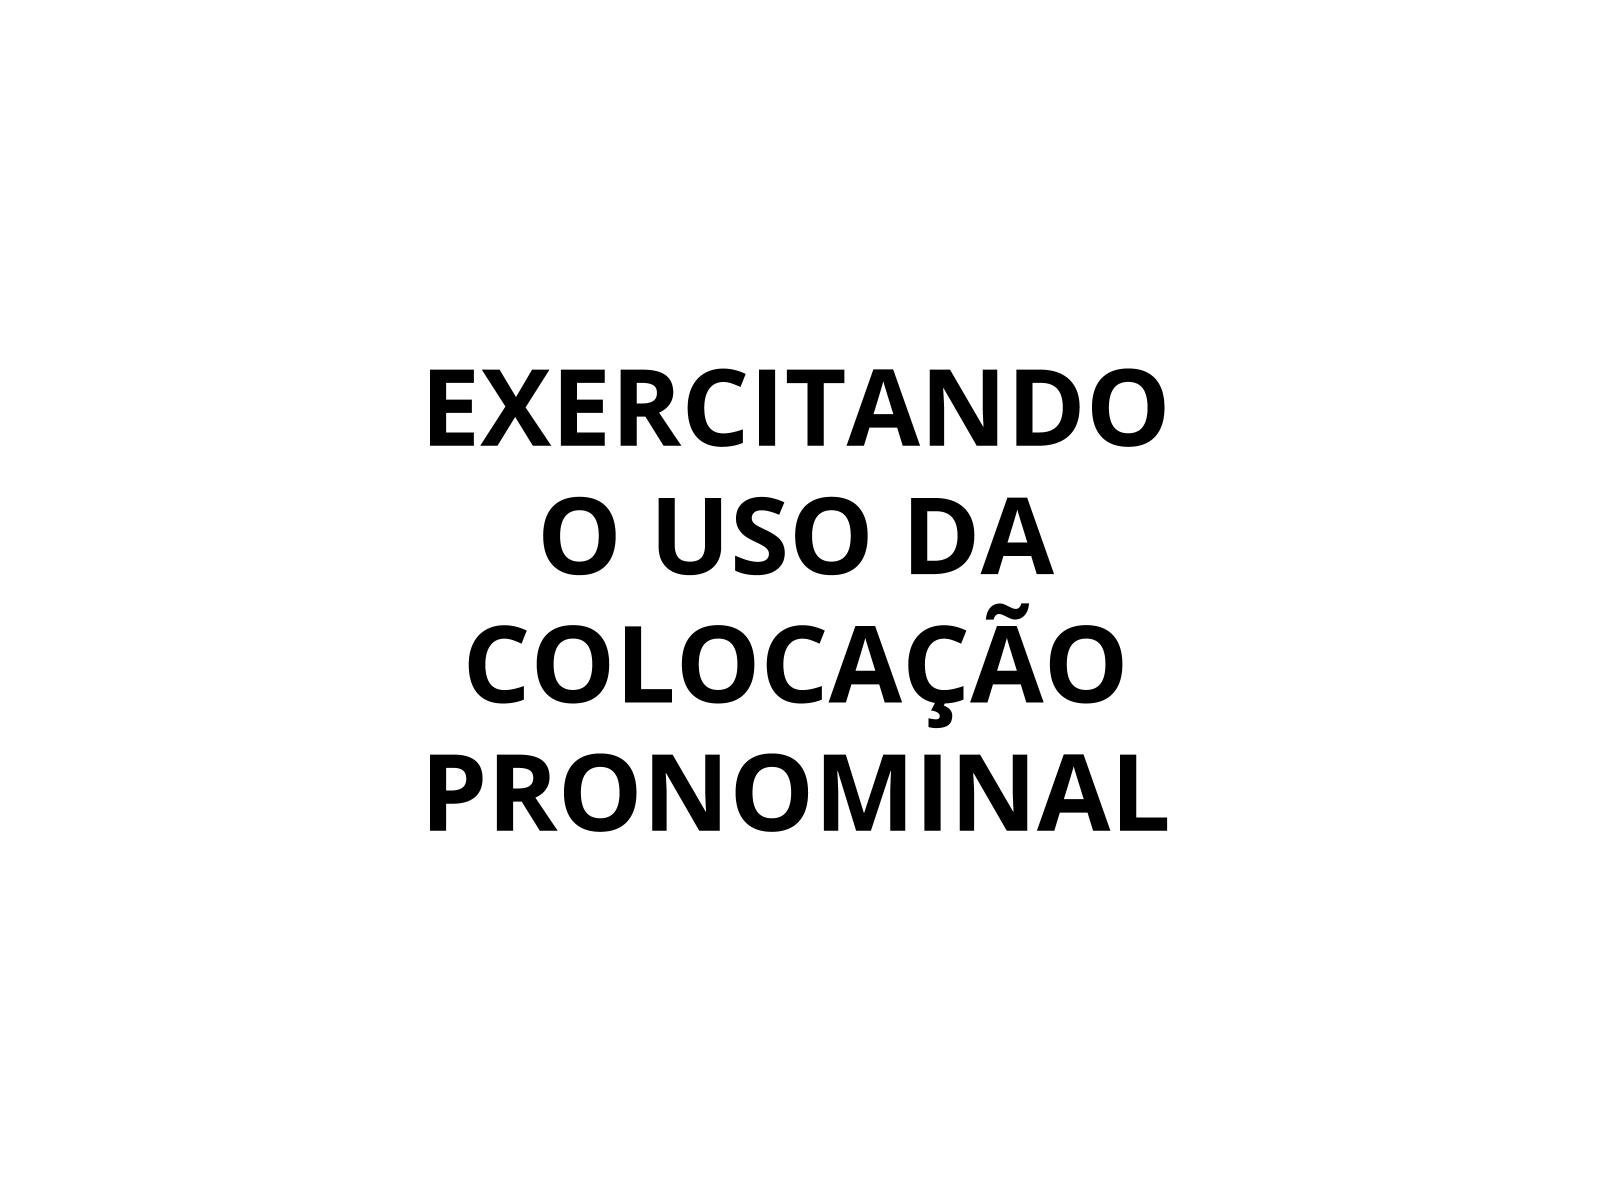 Exercitando o uso da colocação pronominal - Próclise e ênclise